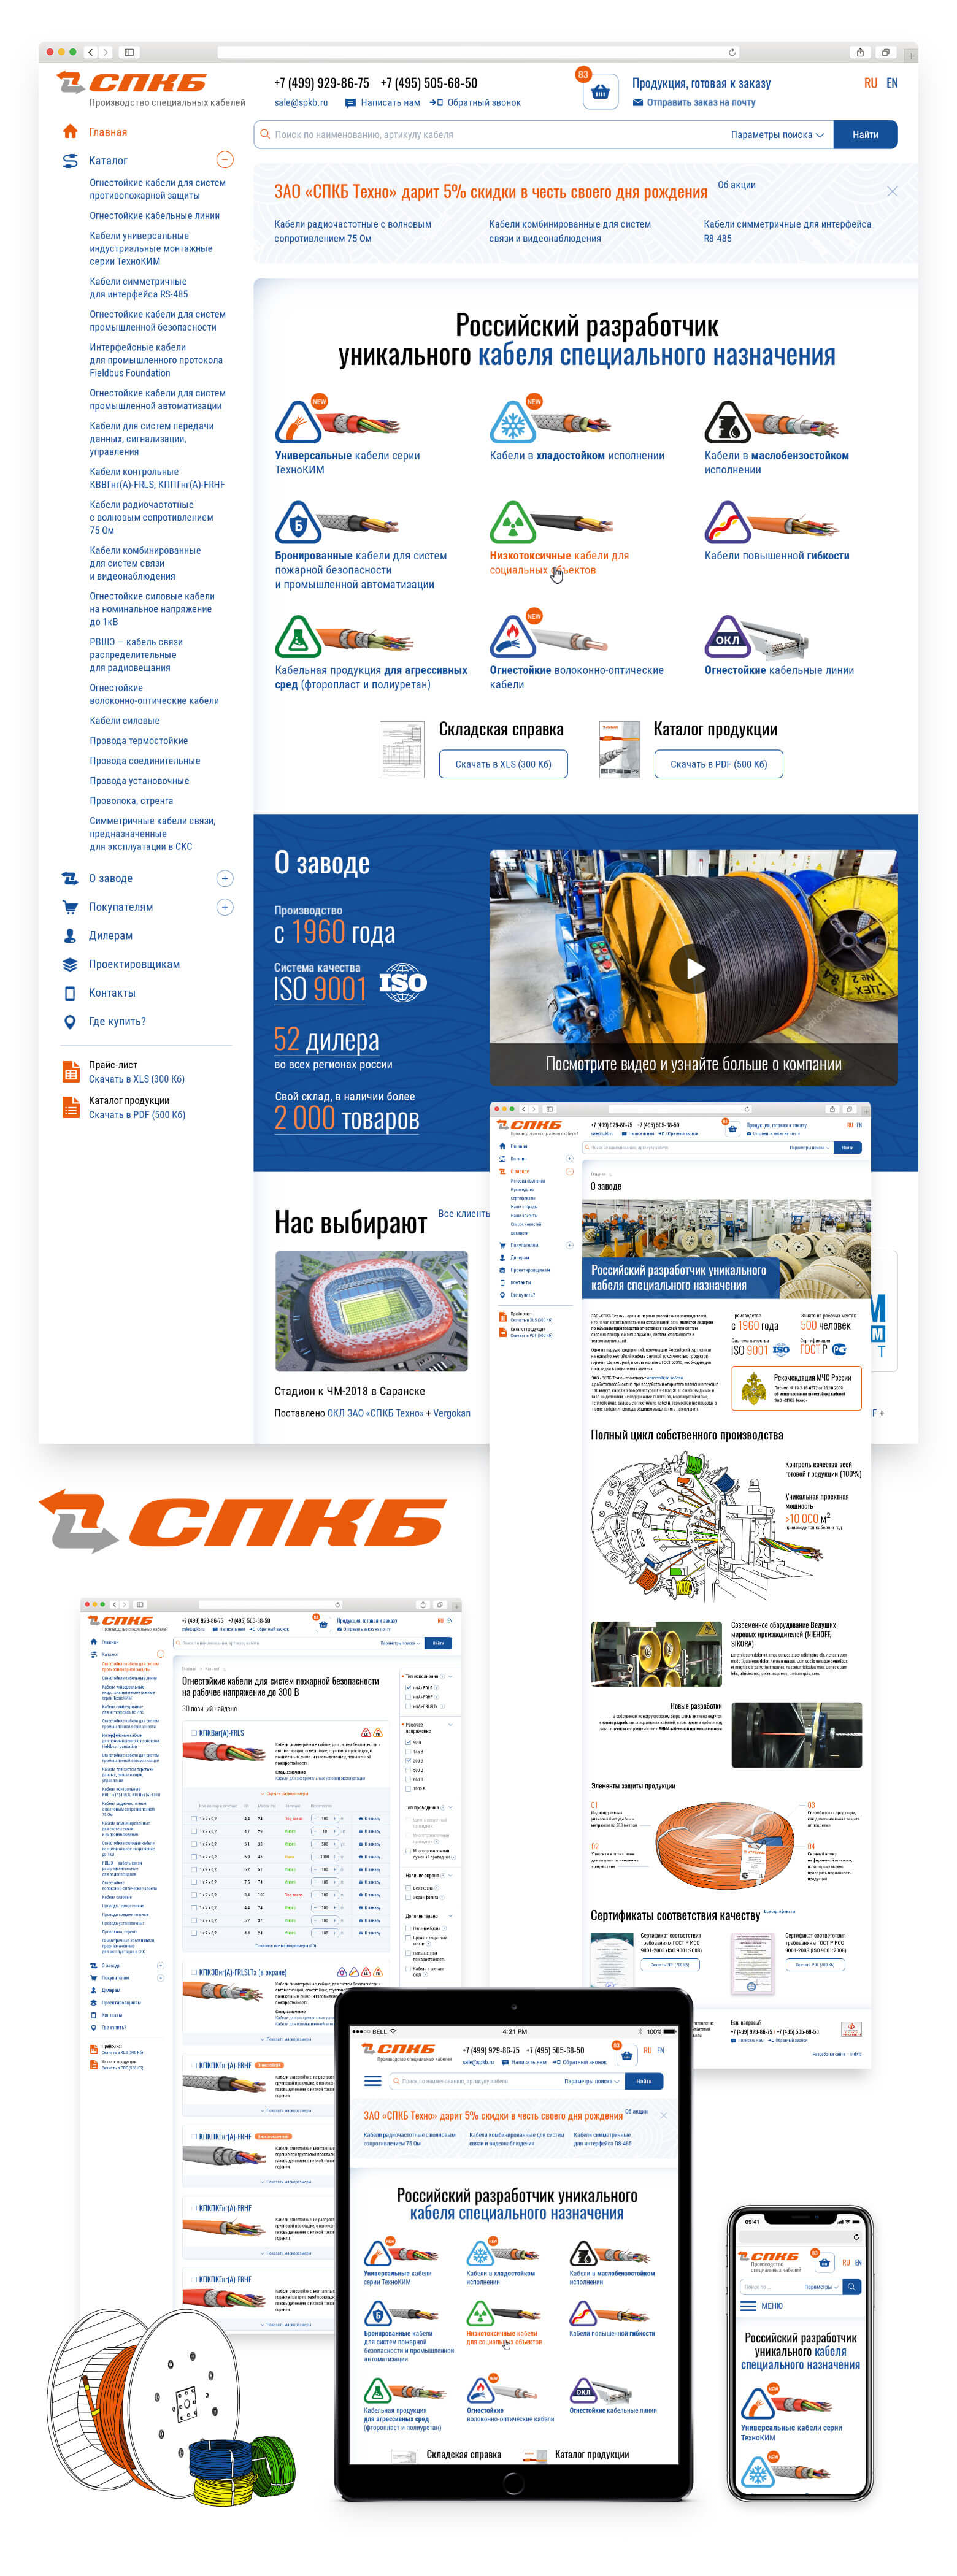 66193e49affe Корпоративный сайт российского производителя огнестойких кабелей с  каталогом продукции СПКБ